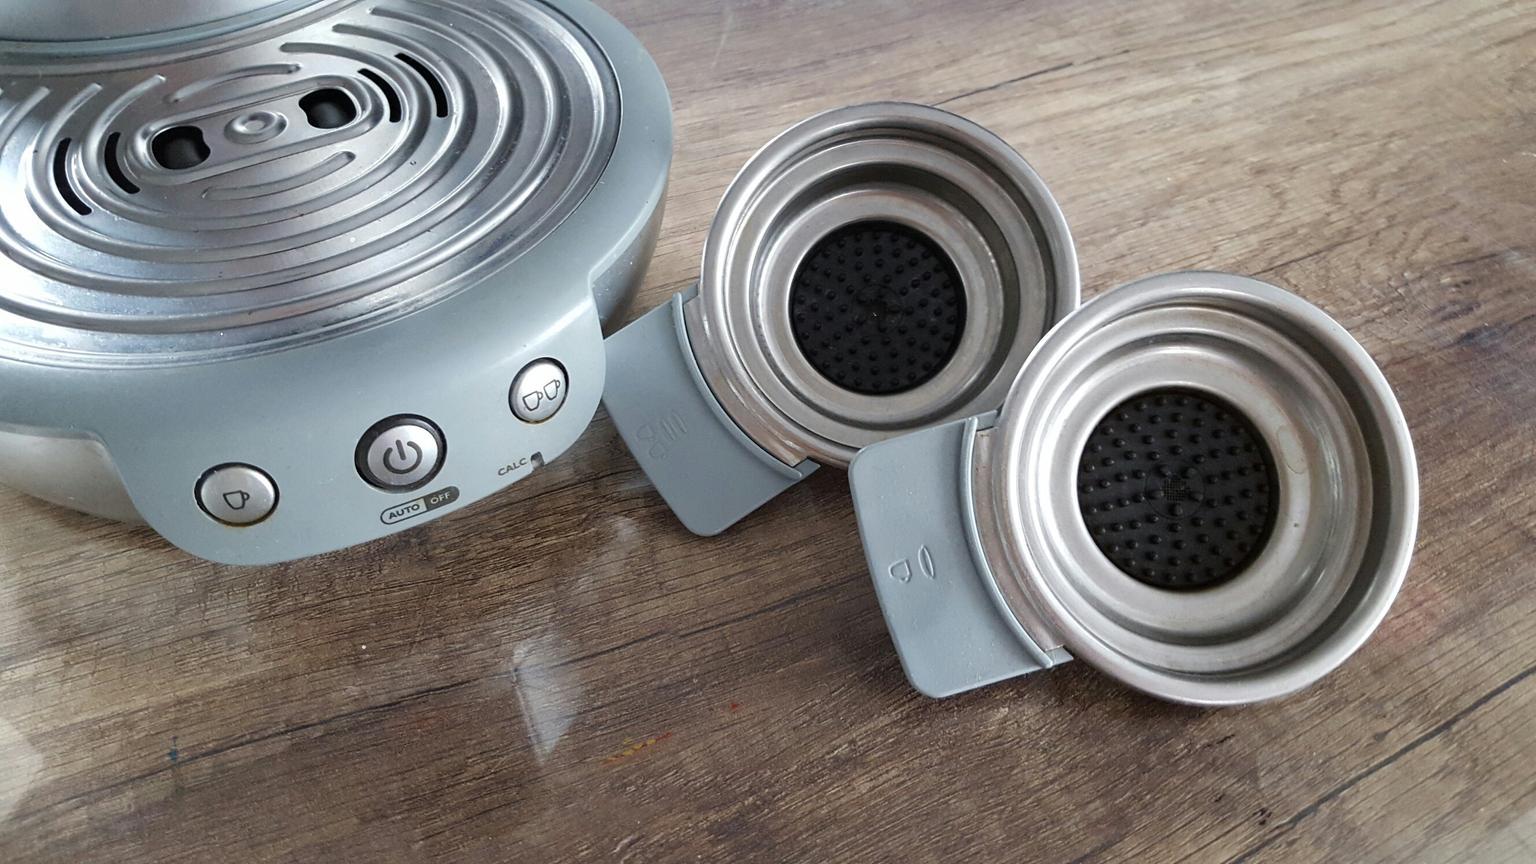 gebraucht senseo philips kaffeemaschine in 57223 kreuztal  ~ Kaffeemaschine Zu Verschenken